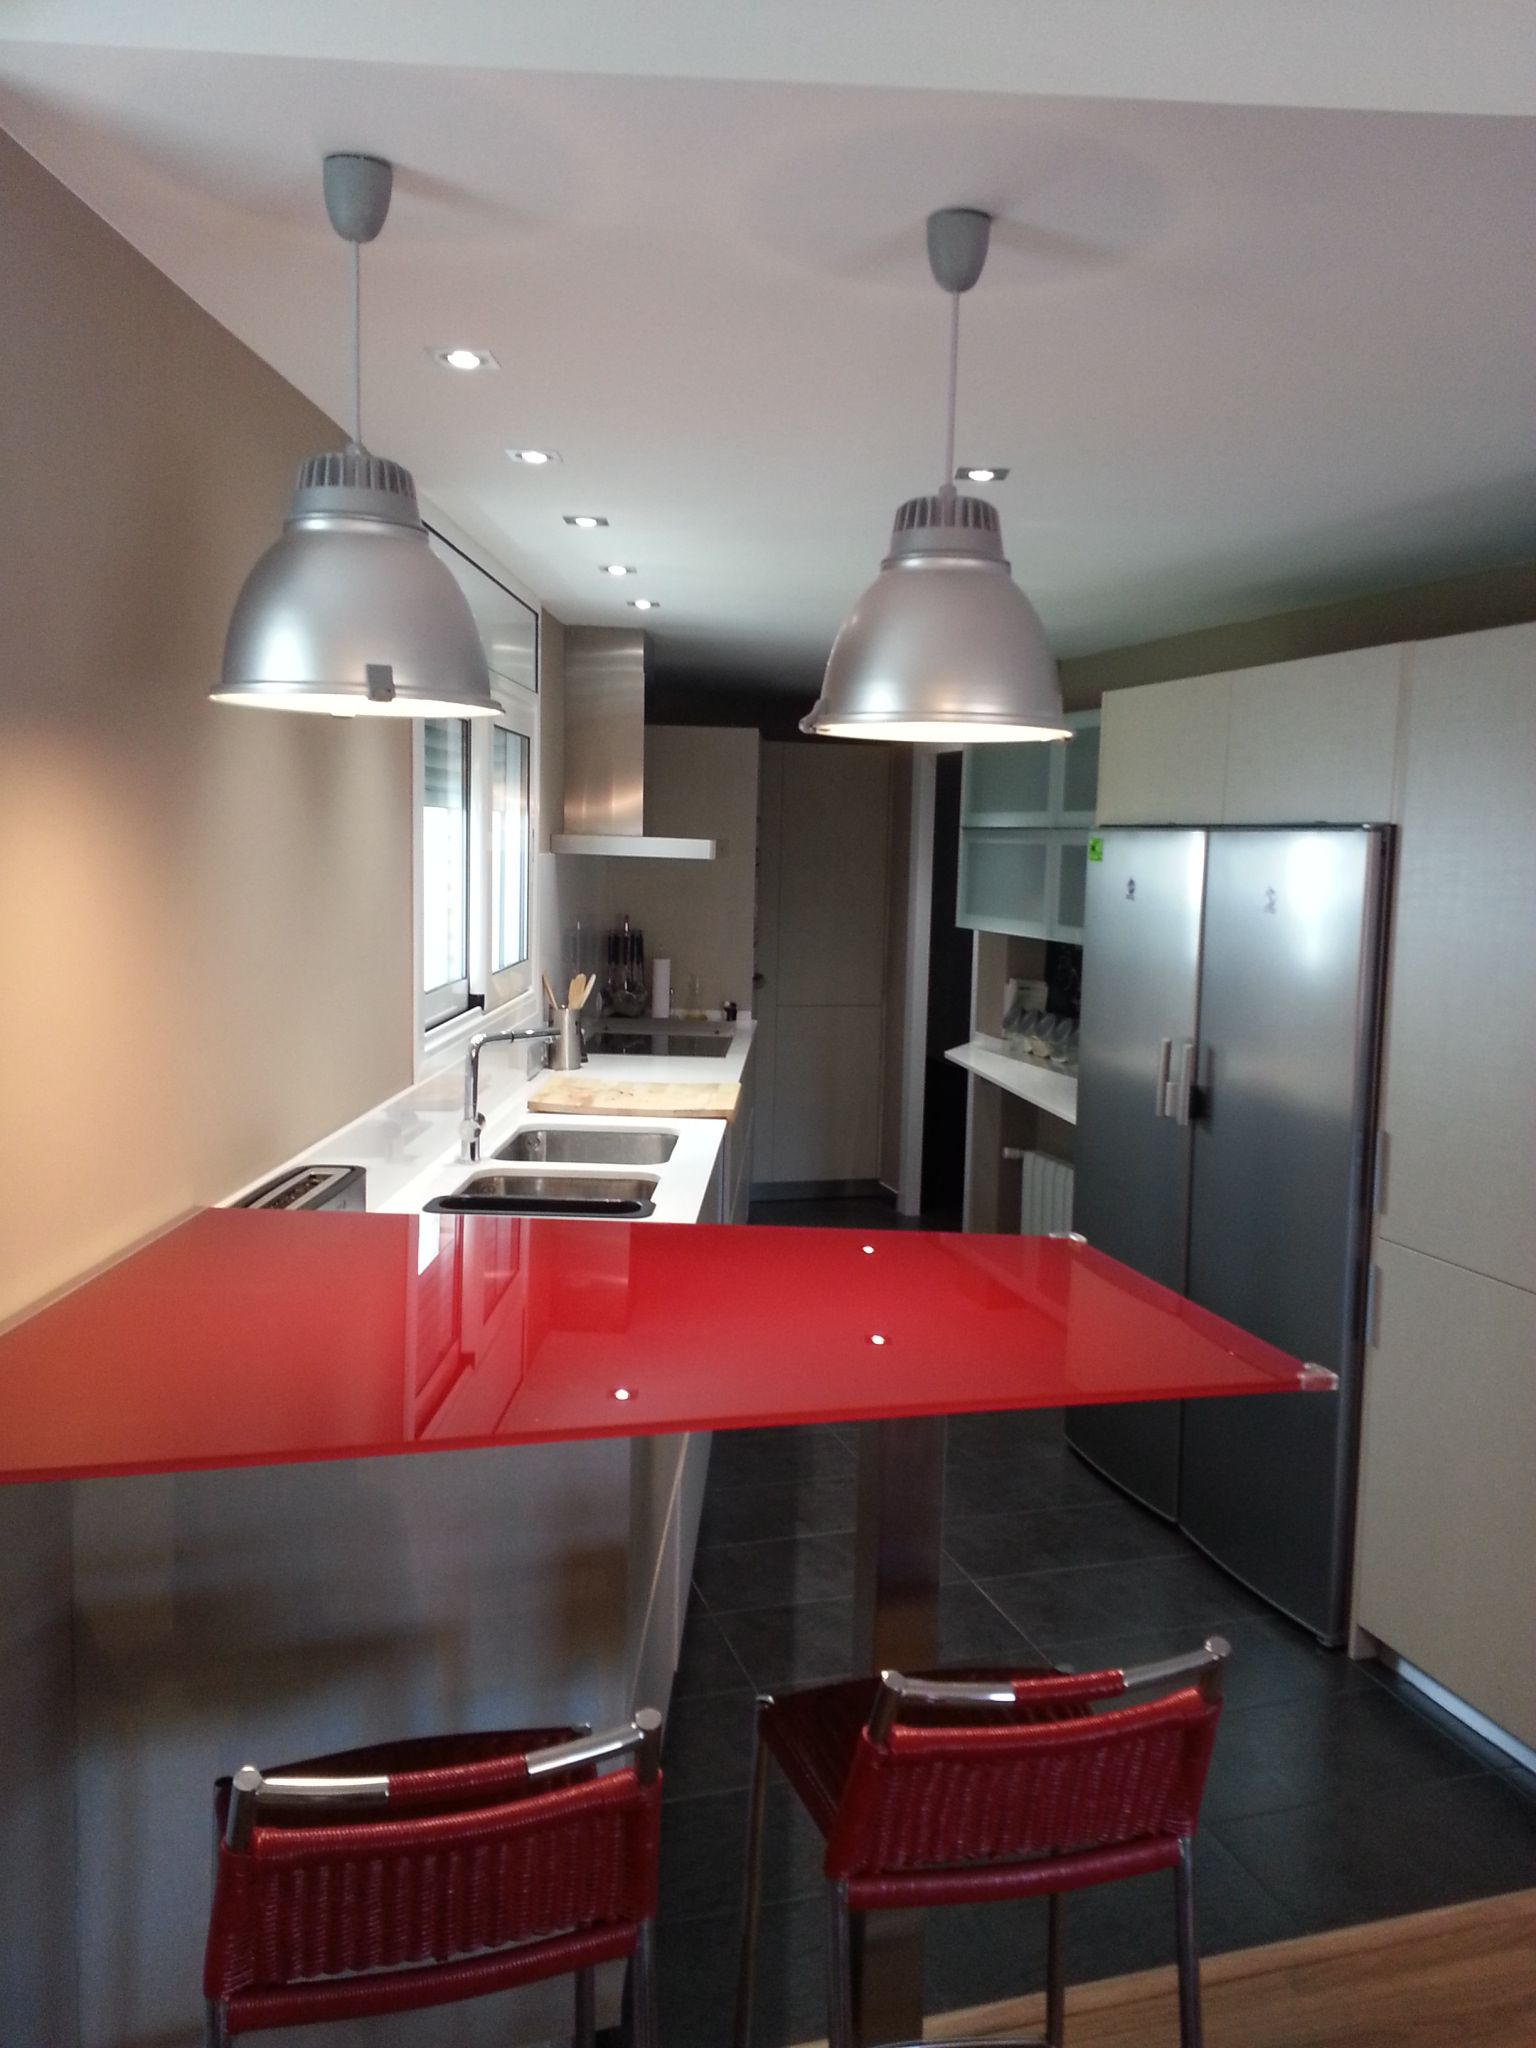 Decoracion #Moderno #Cocina #Encimeras #Barras de cocina #Lamparas ...